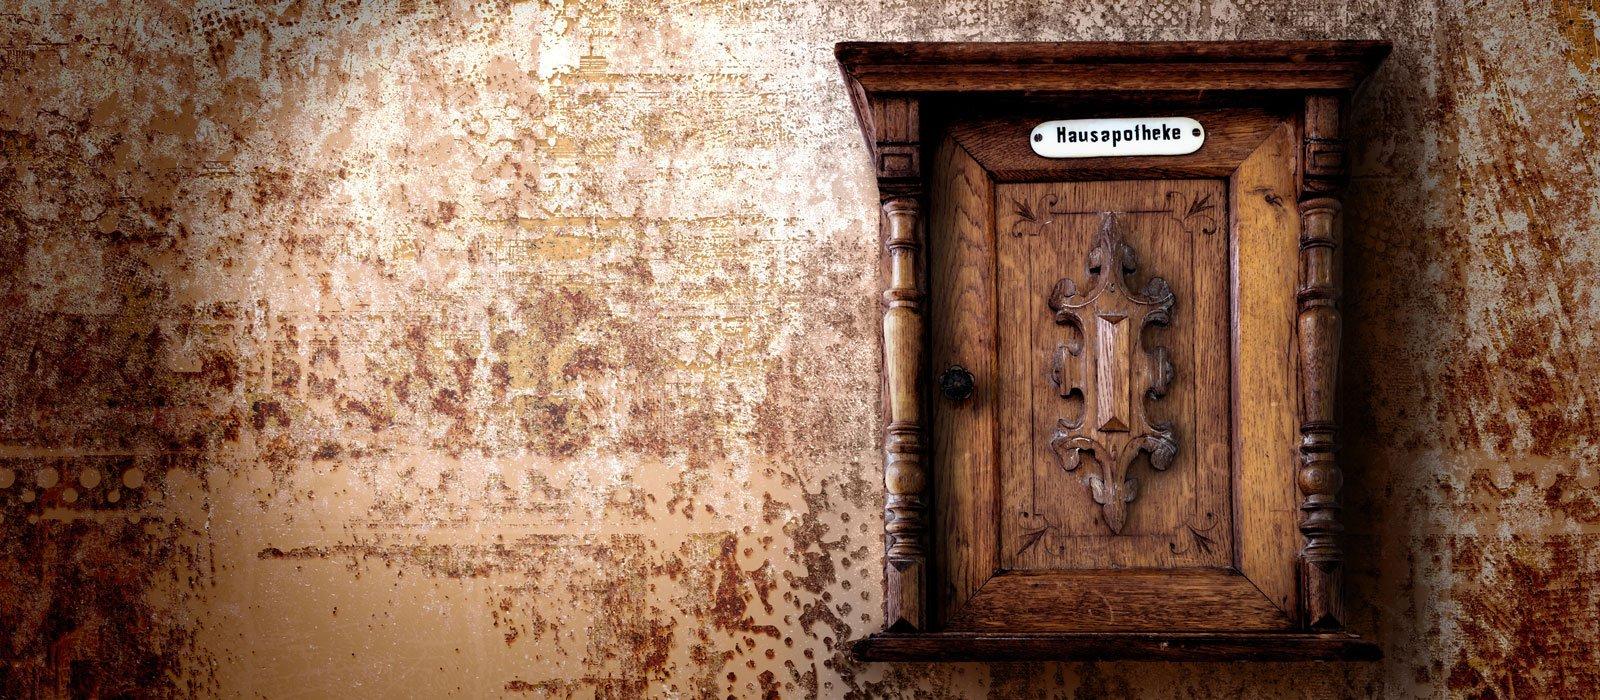 Symbolfoto zeigt eine hölzerne Hausapotheke an einer alten Wand